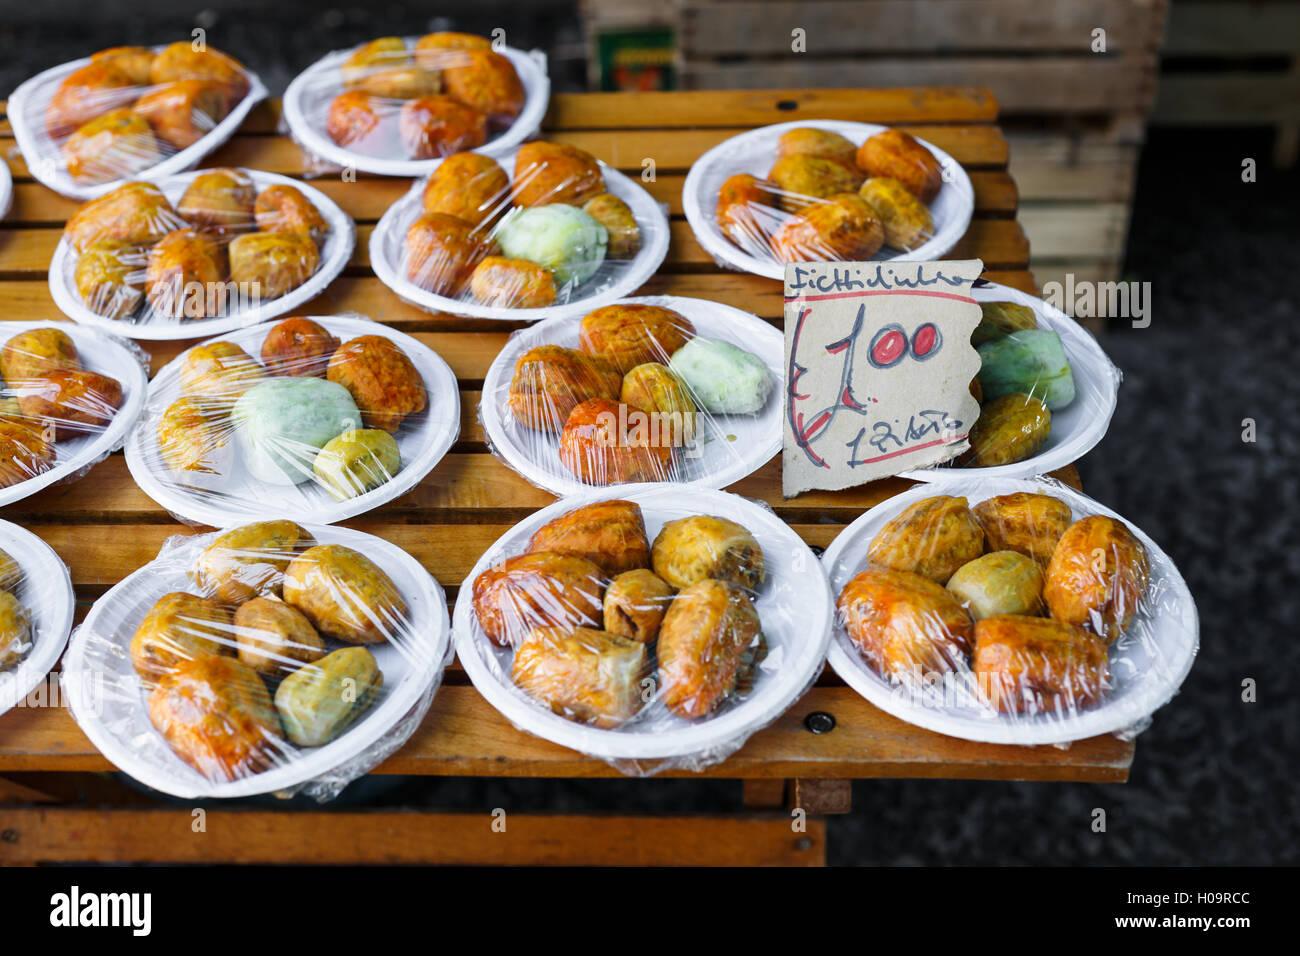 Fichidindia visualizzato sullo stallo a Ballarò Mercato, Palermo, Sicilia Immagini Stock